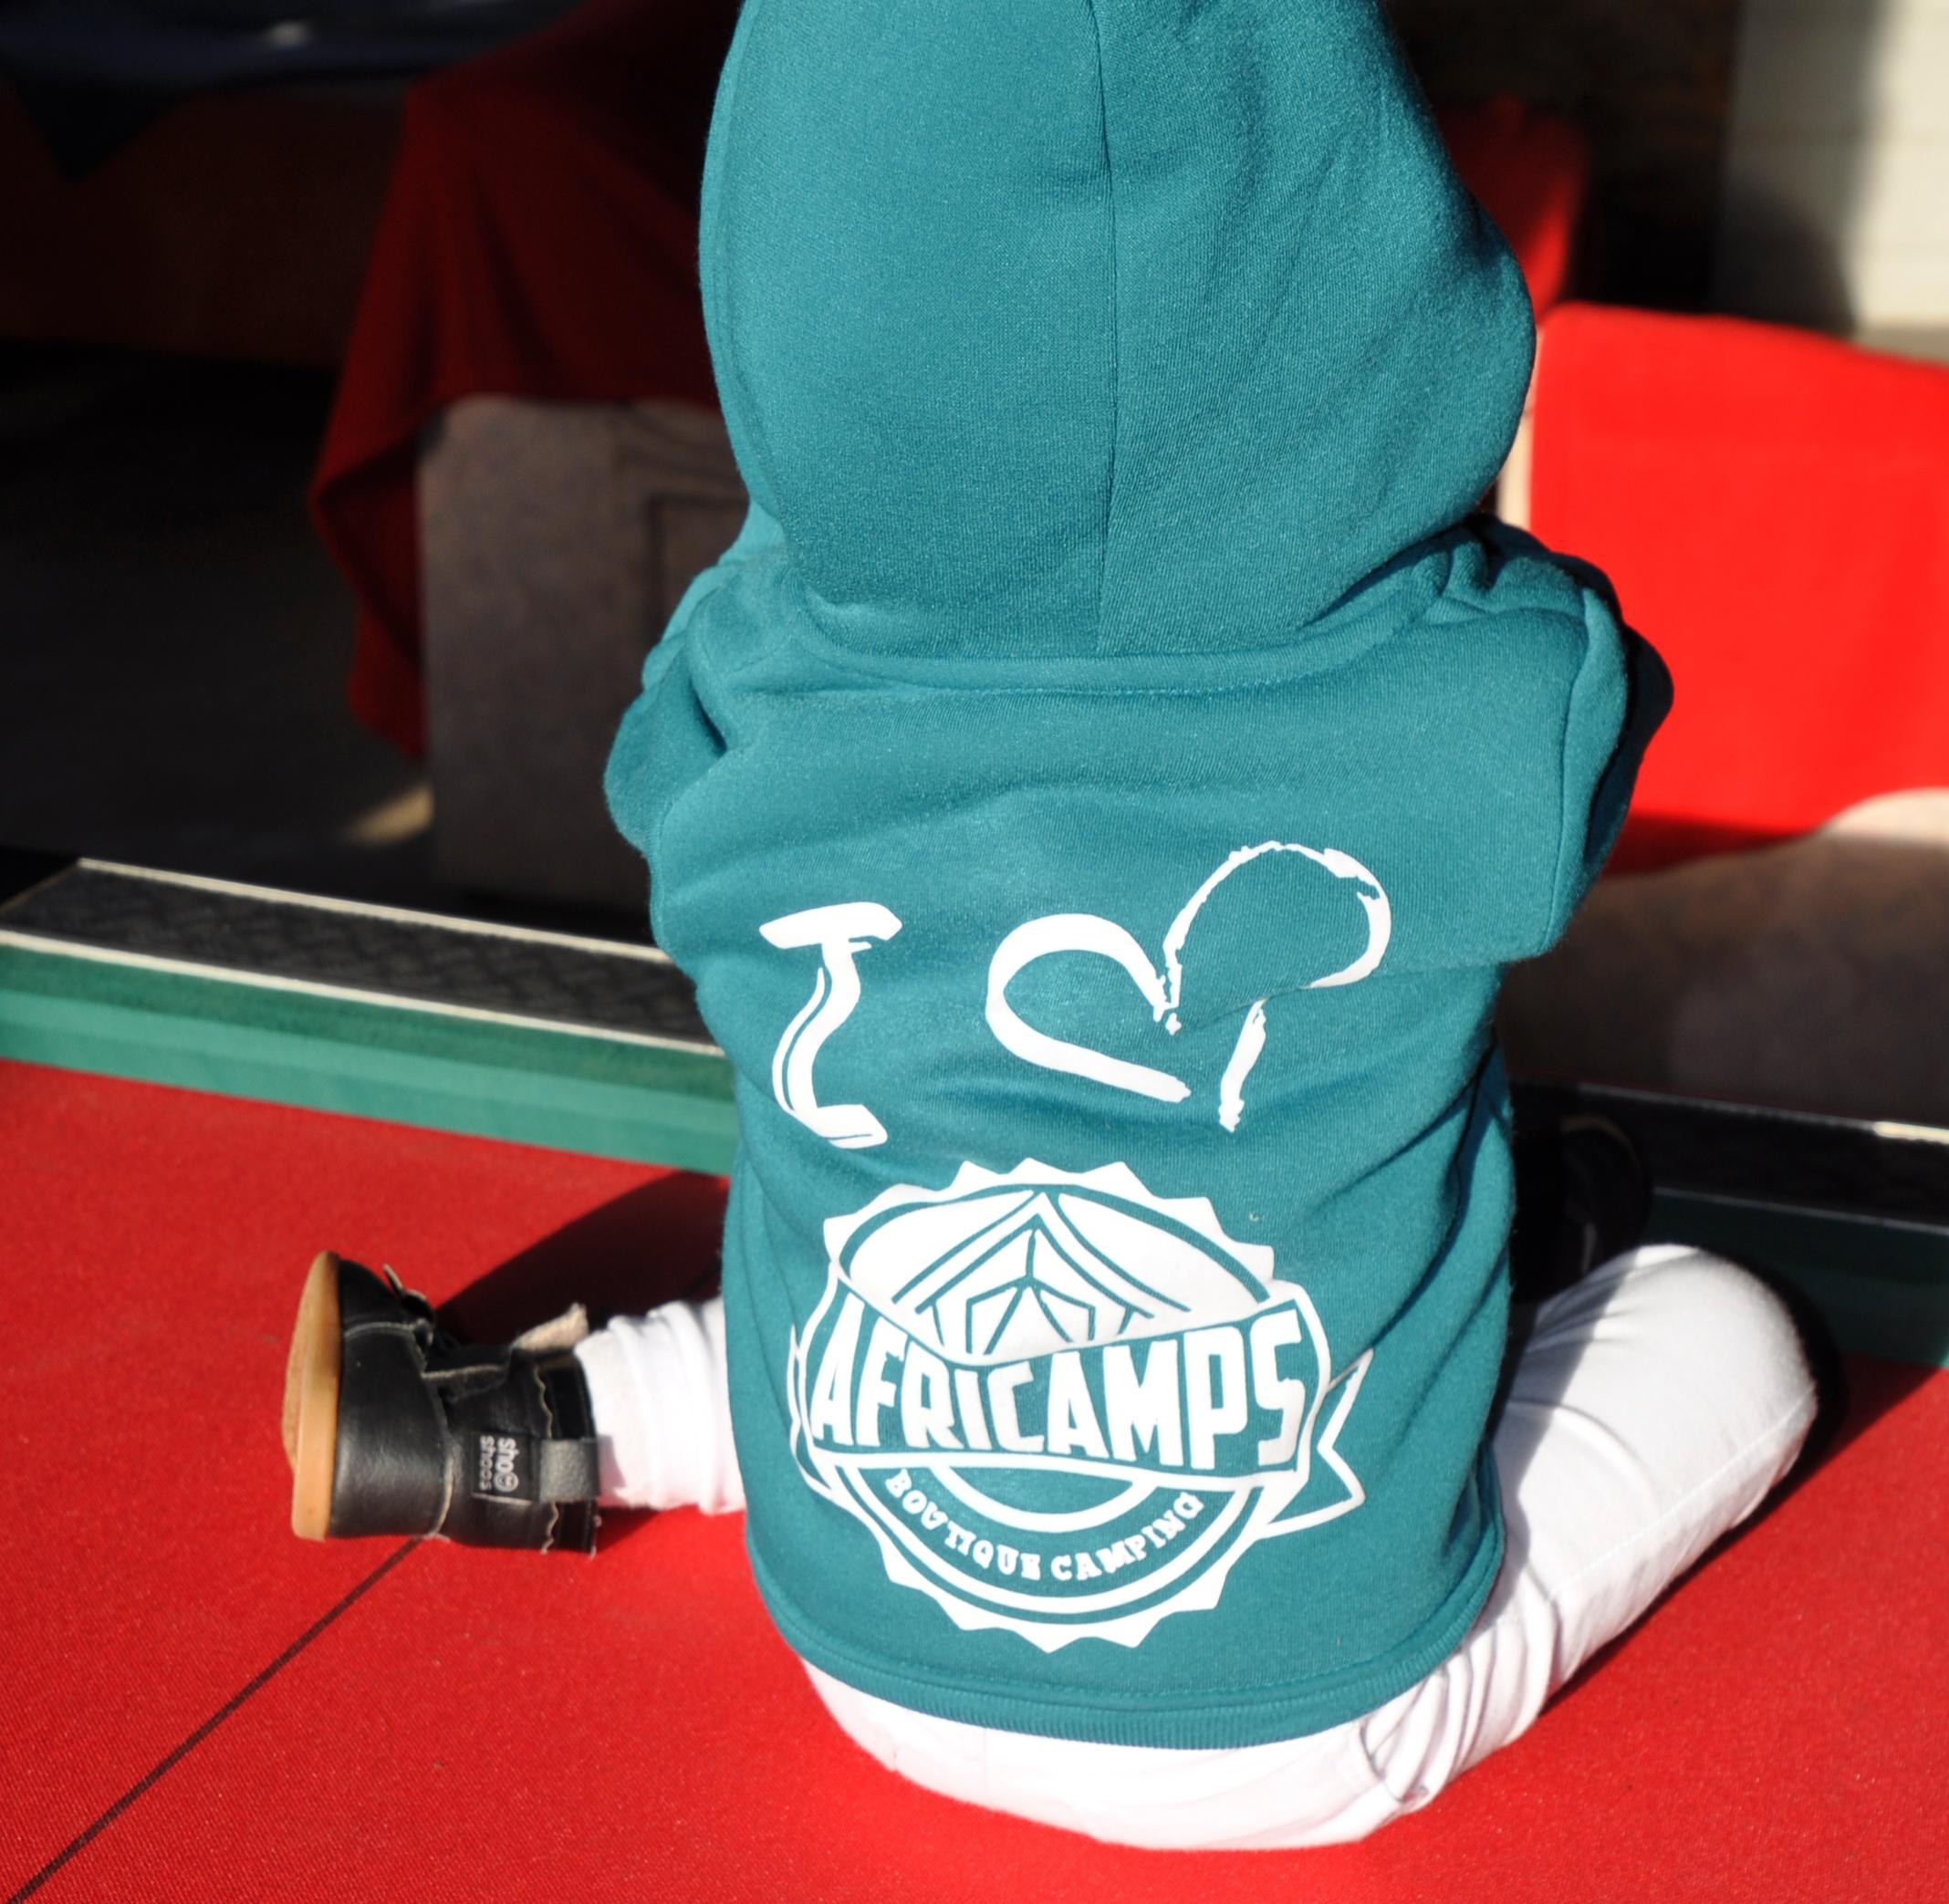 I love AfriCamps.